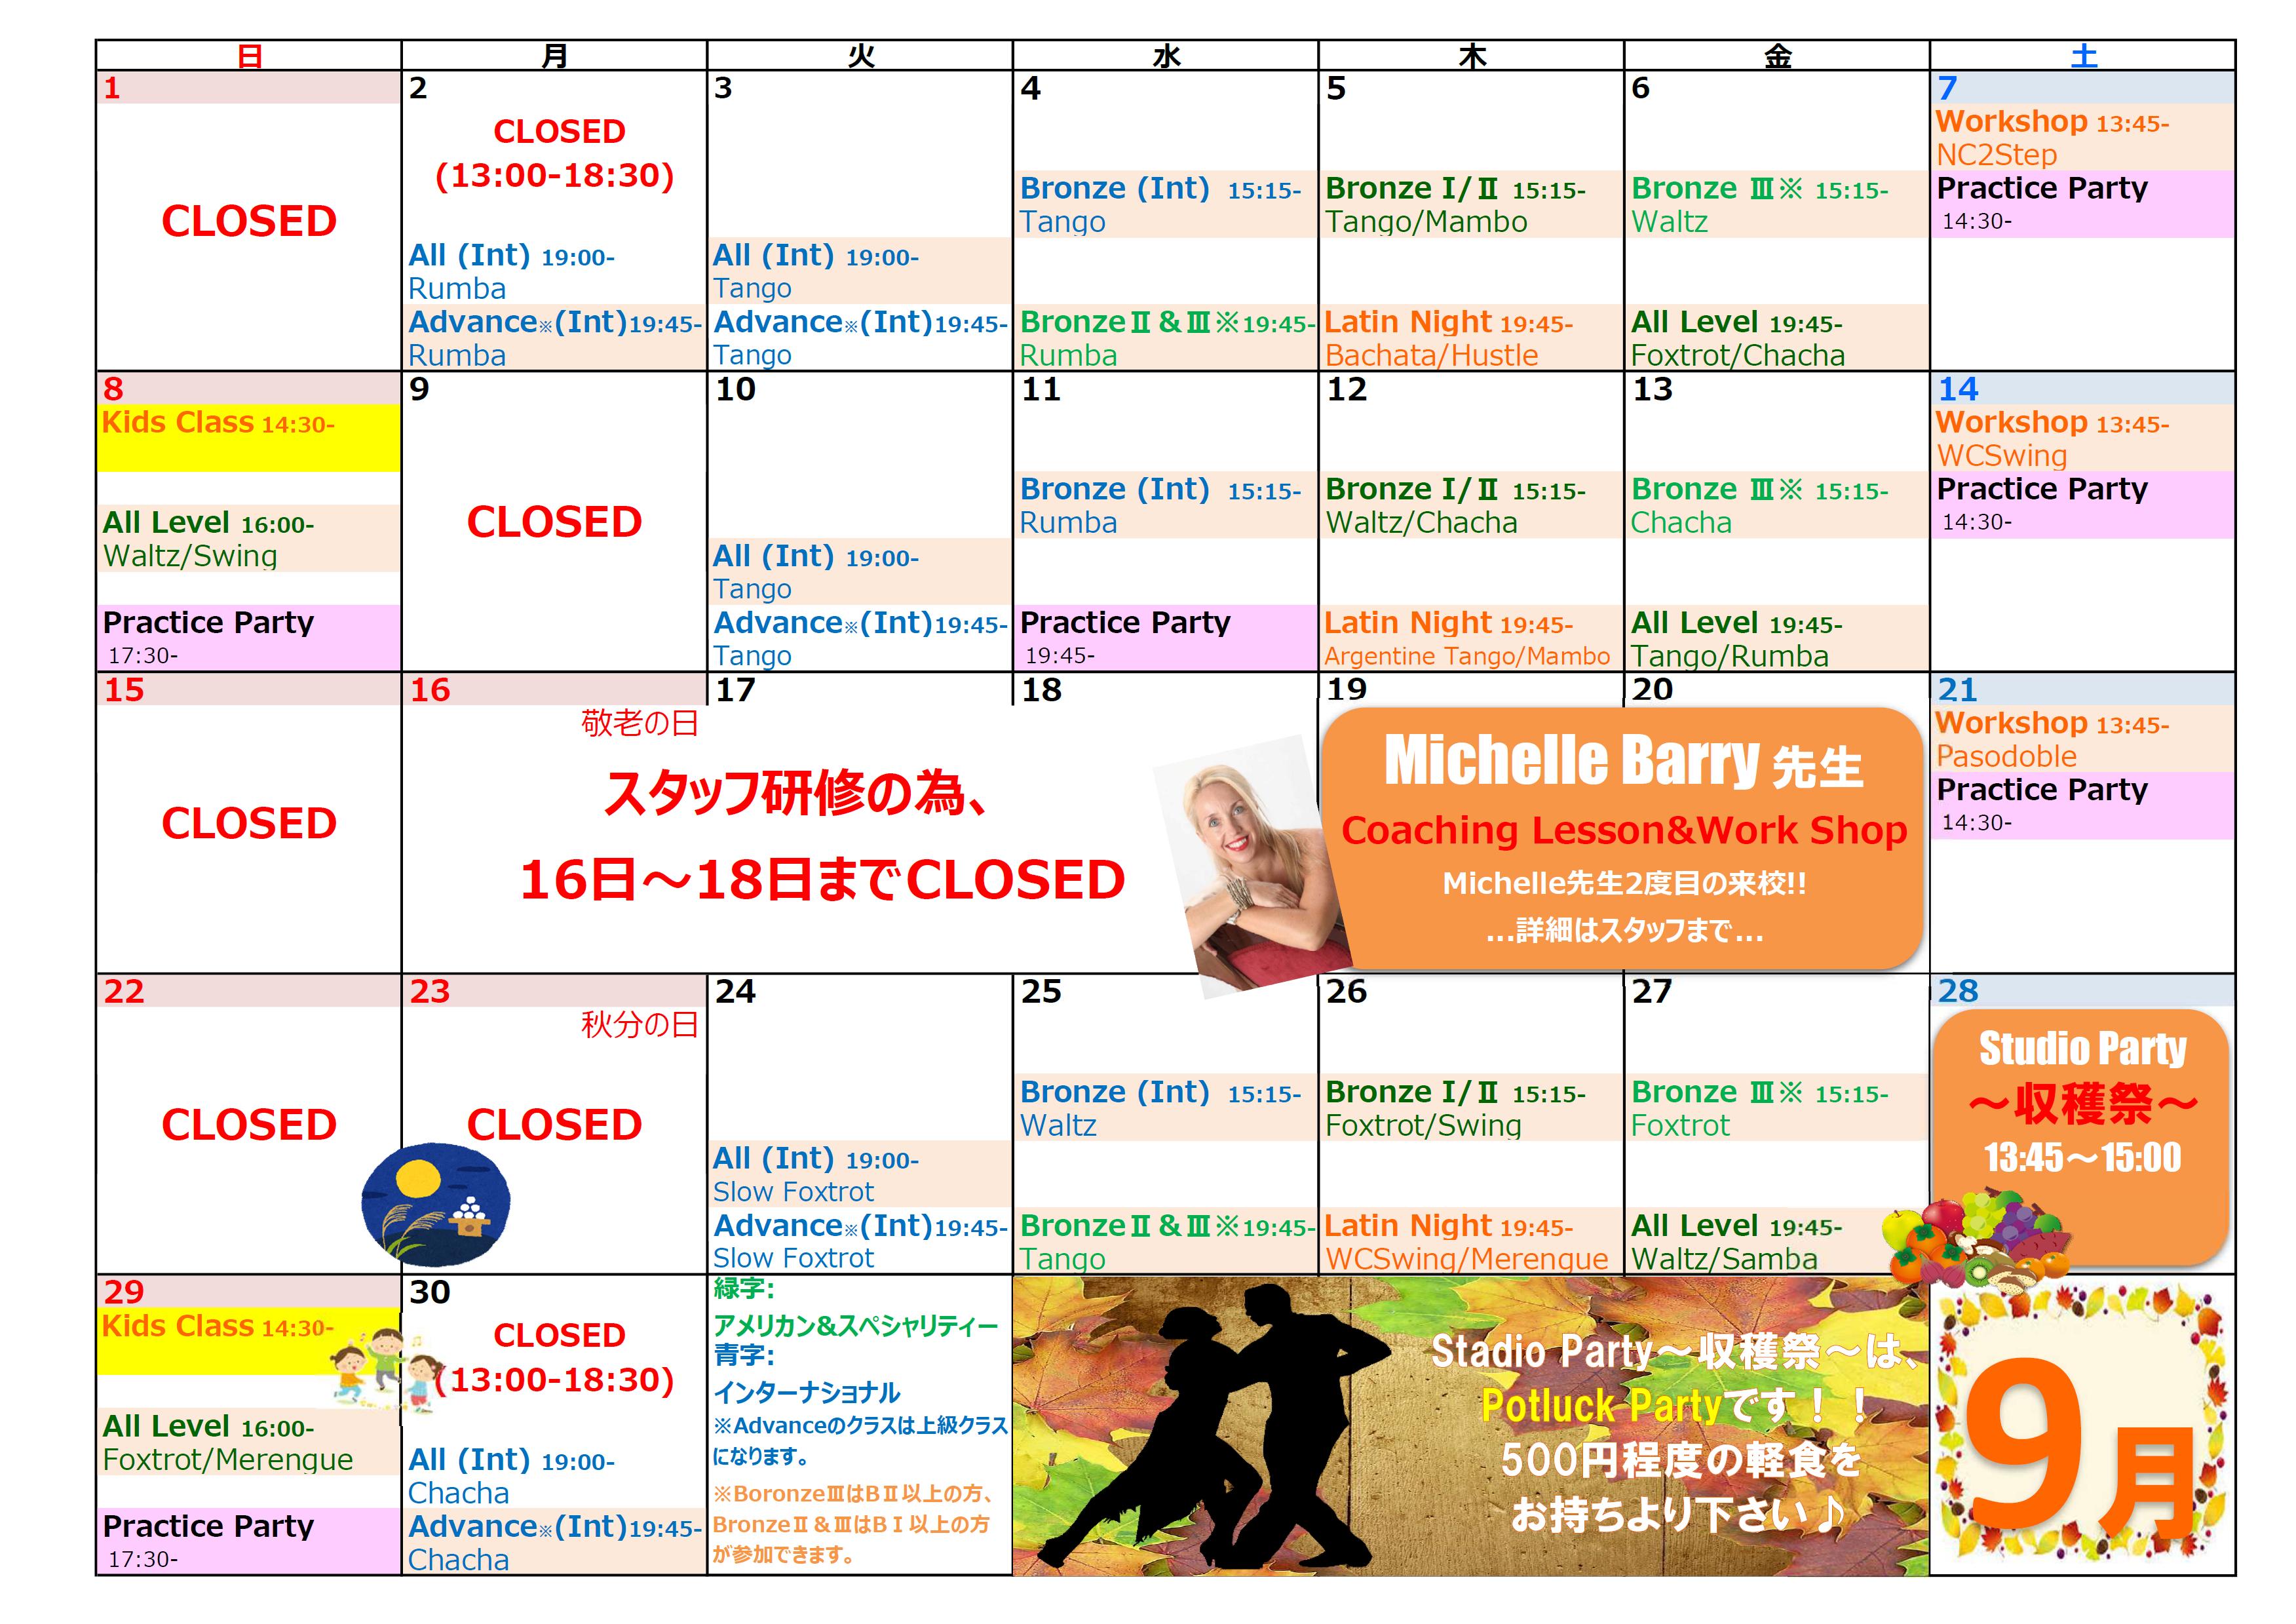 2019.9 Schedule